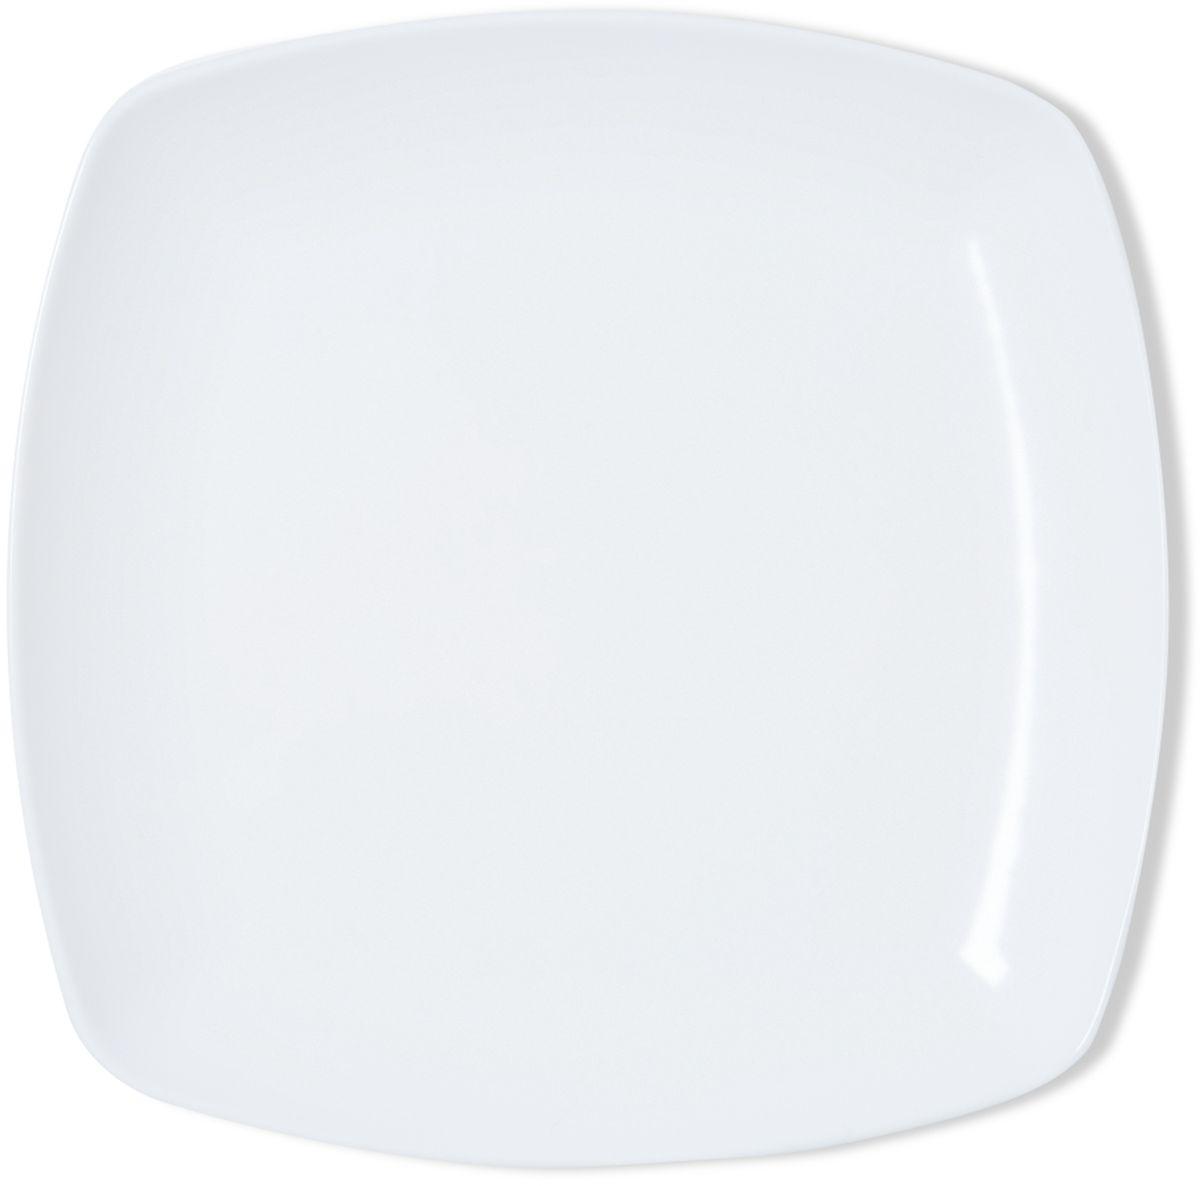 Тарелка мелкая Dosh l Home ADARA, квадратная, 28 x 28 см400200Элегантная тарелка Dosh l Home Adara для стильной сервировки блюд и закусок. Изготовлена из высококачественного силикона белоснежного цвета. Силикон не впитывает запах и вкус продуктов, устойчив к царапинам. Подходит для микроволновой печи, холодильника. Можно мыть в посудомоечной машине. Мыть обычными моющими средствами, не использовать агрессивные вещества, металлические мочалки, острые предметы.